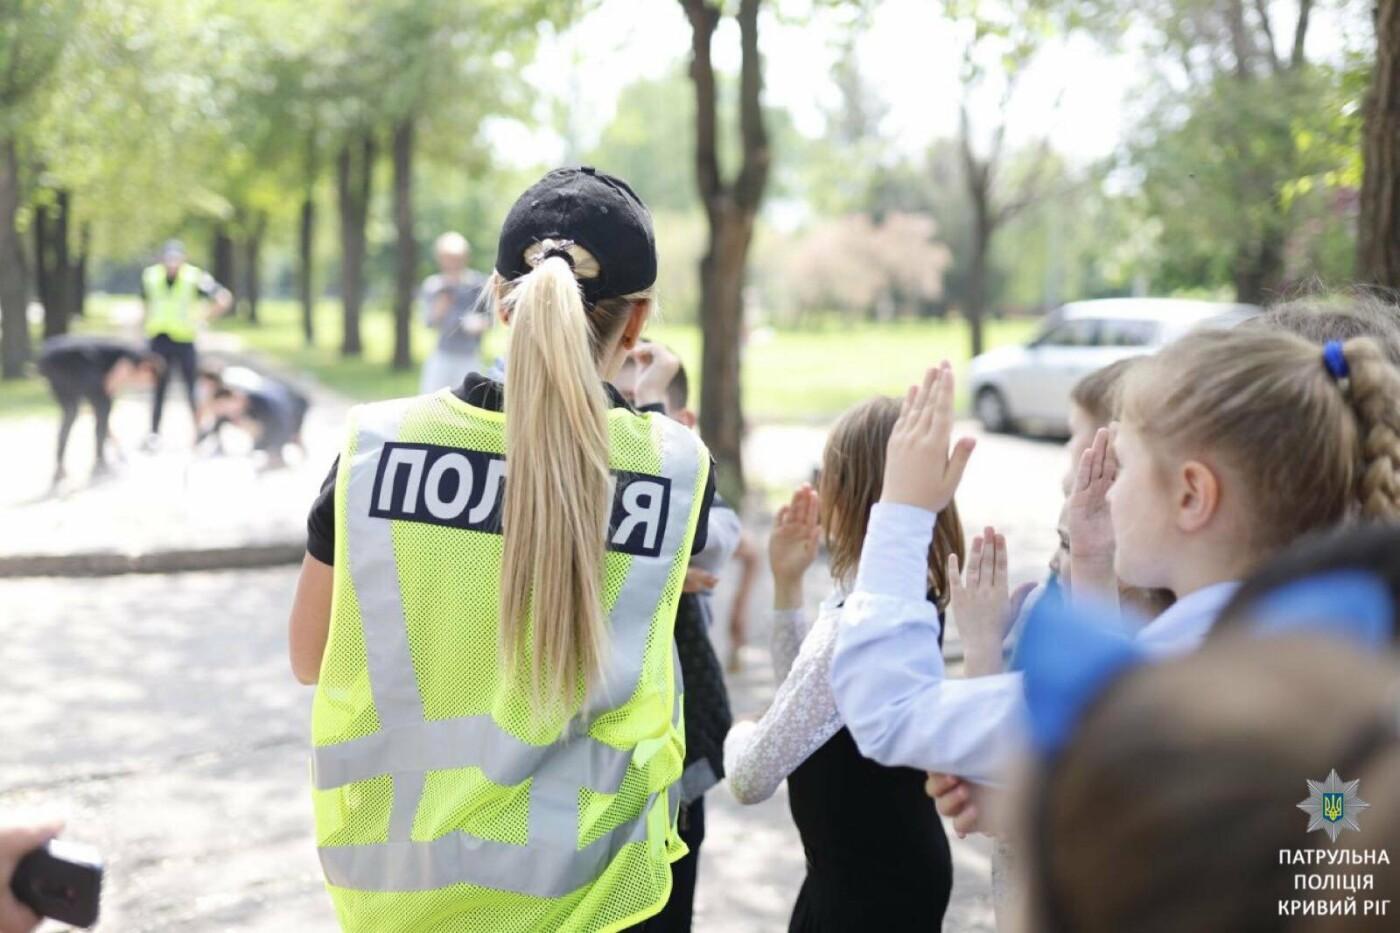 """""""Возьми ребенка за руку"""", """"Сними наушники"""" - в Кривом Роге появились надписи для пешеходов, - ФОТО, фото-4"""